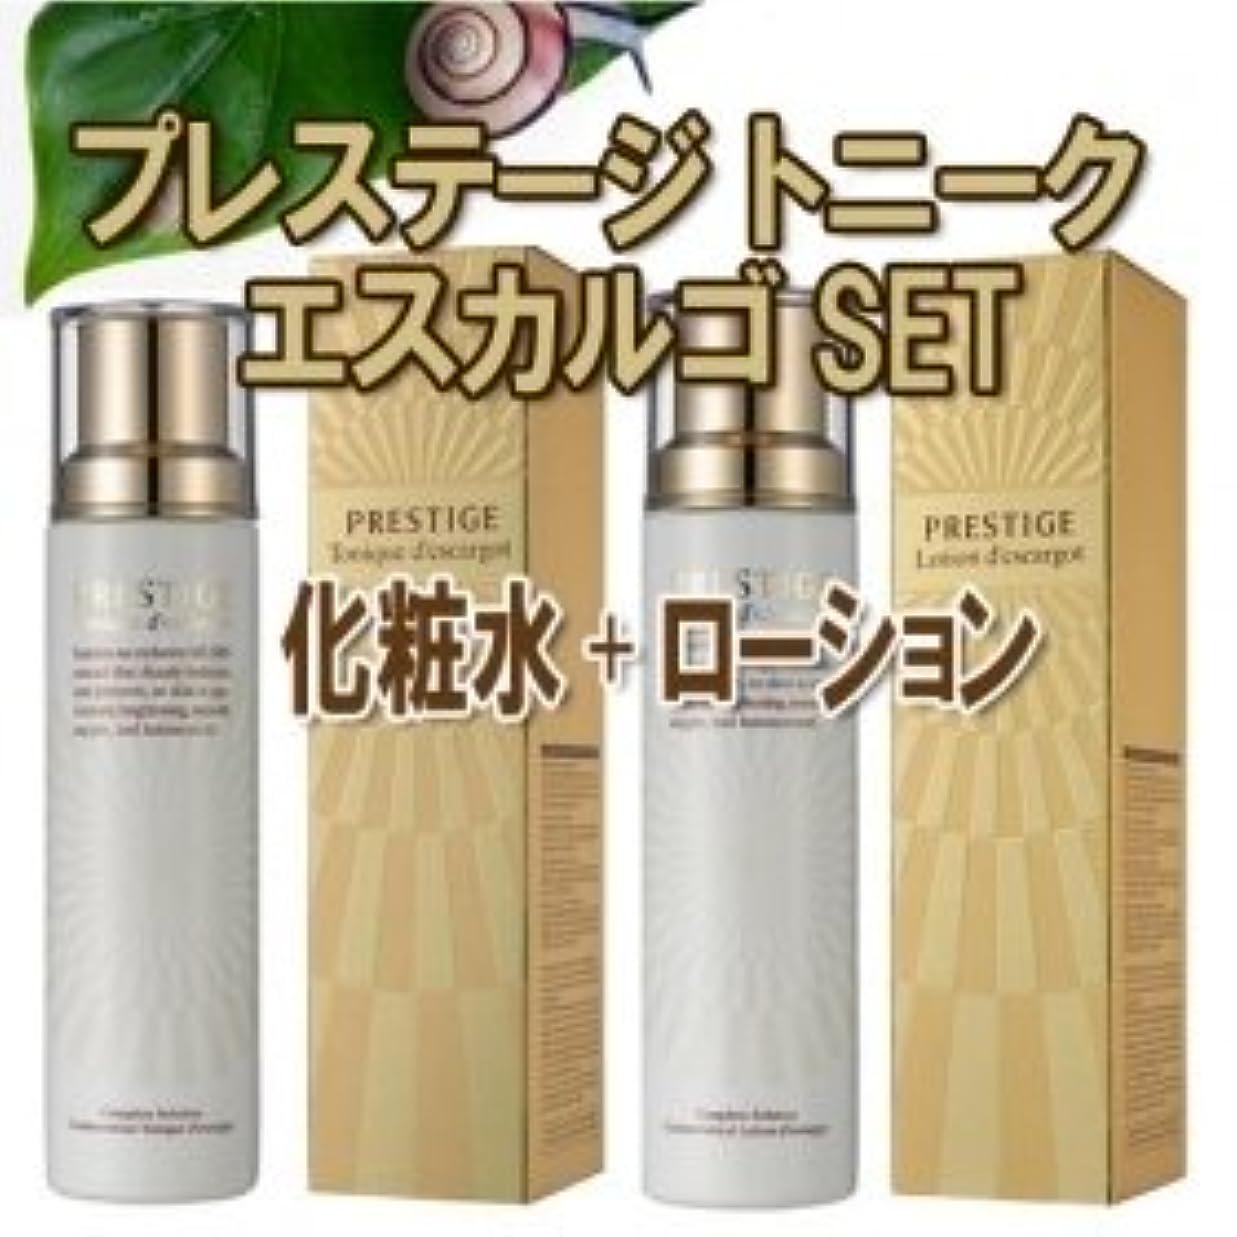 リブグレードガードIt`s skin(イッツスキン)プレステージ トニーク エスカルゴ化粧水+ローションセット 格安 韓国コスメ 海外直送品